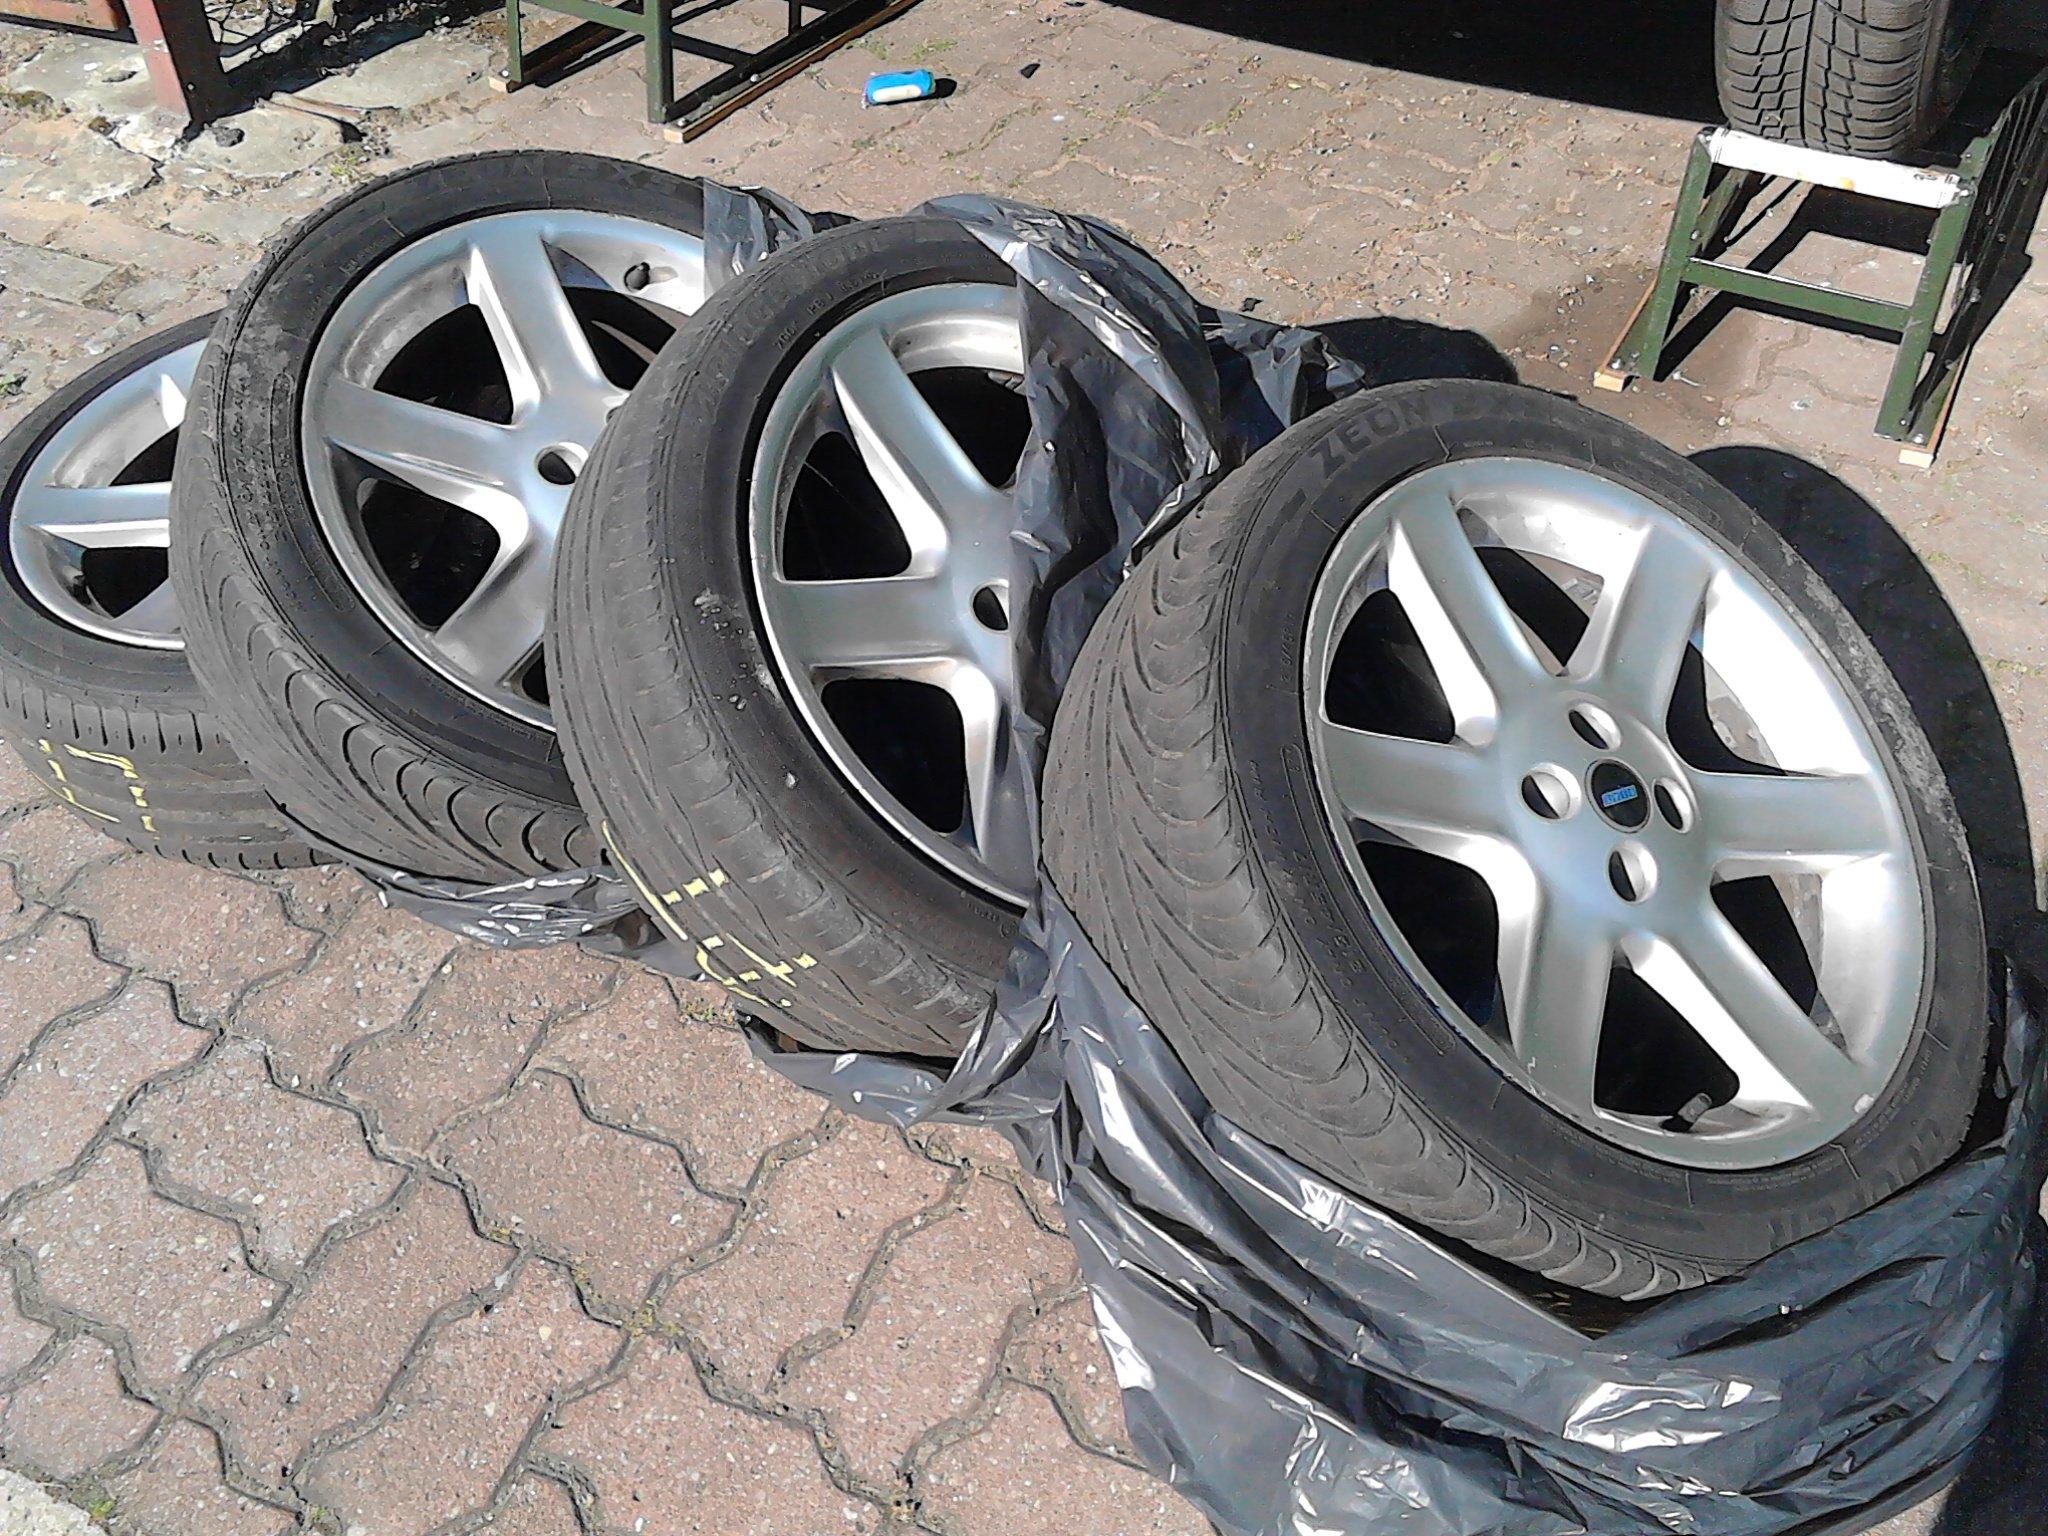 Alufelgi Fiat 17 4x98 Felgi Aluminiowe Szczecin 7346890925